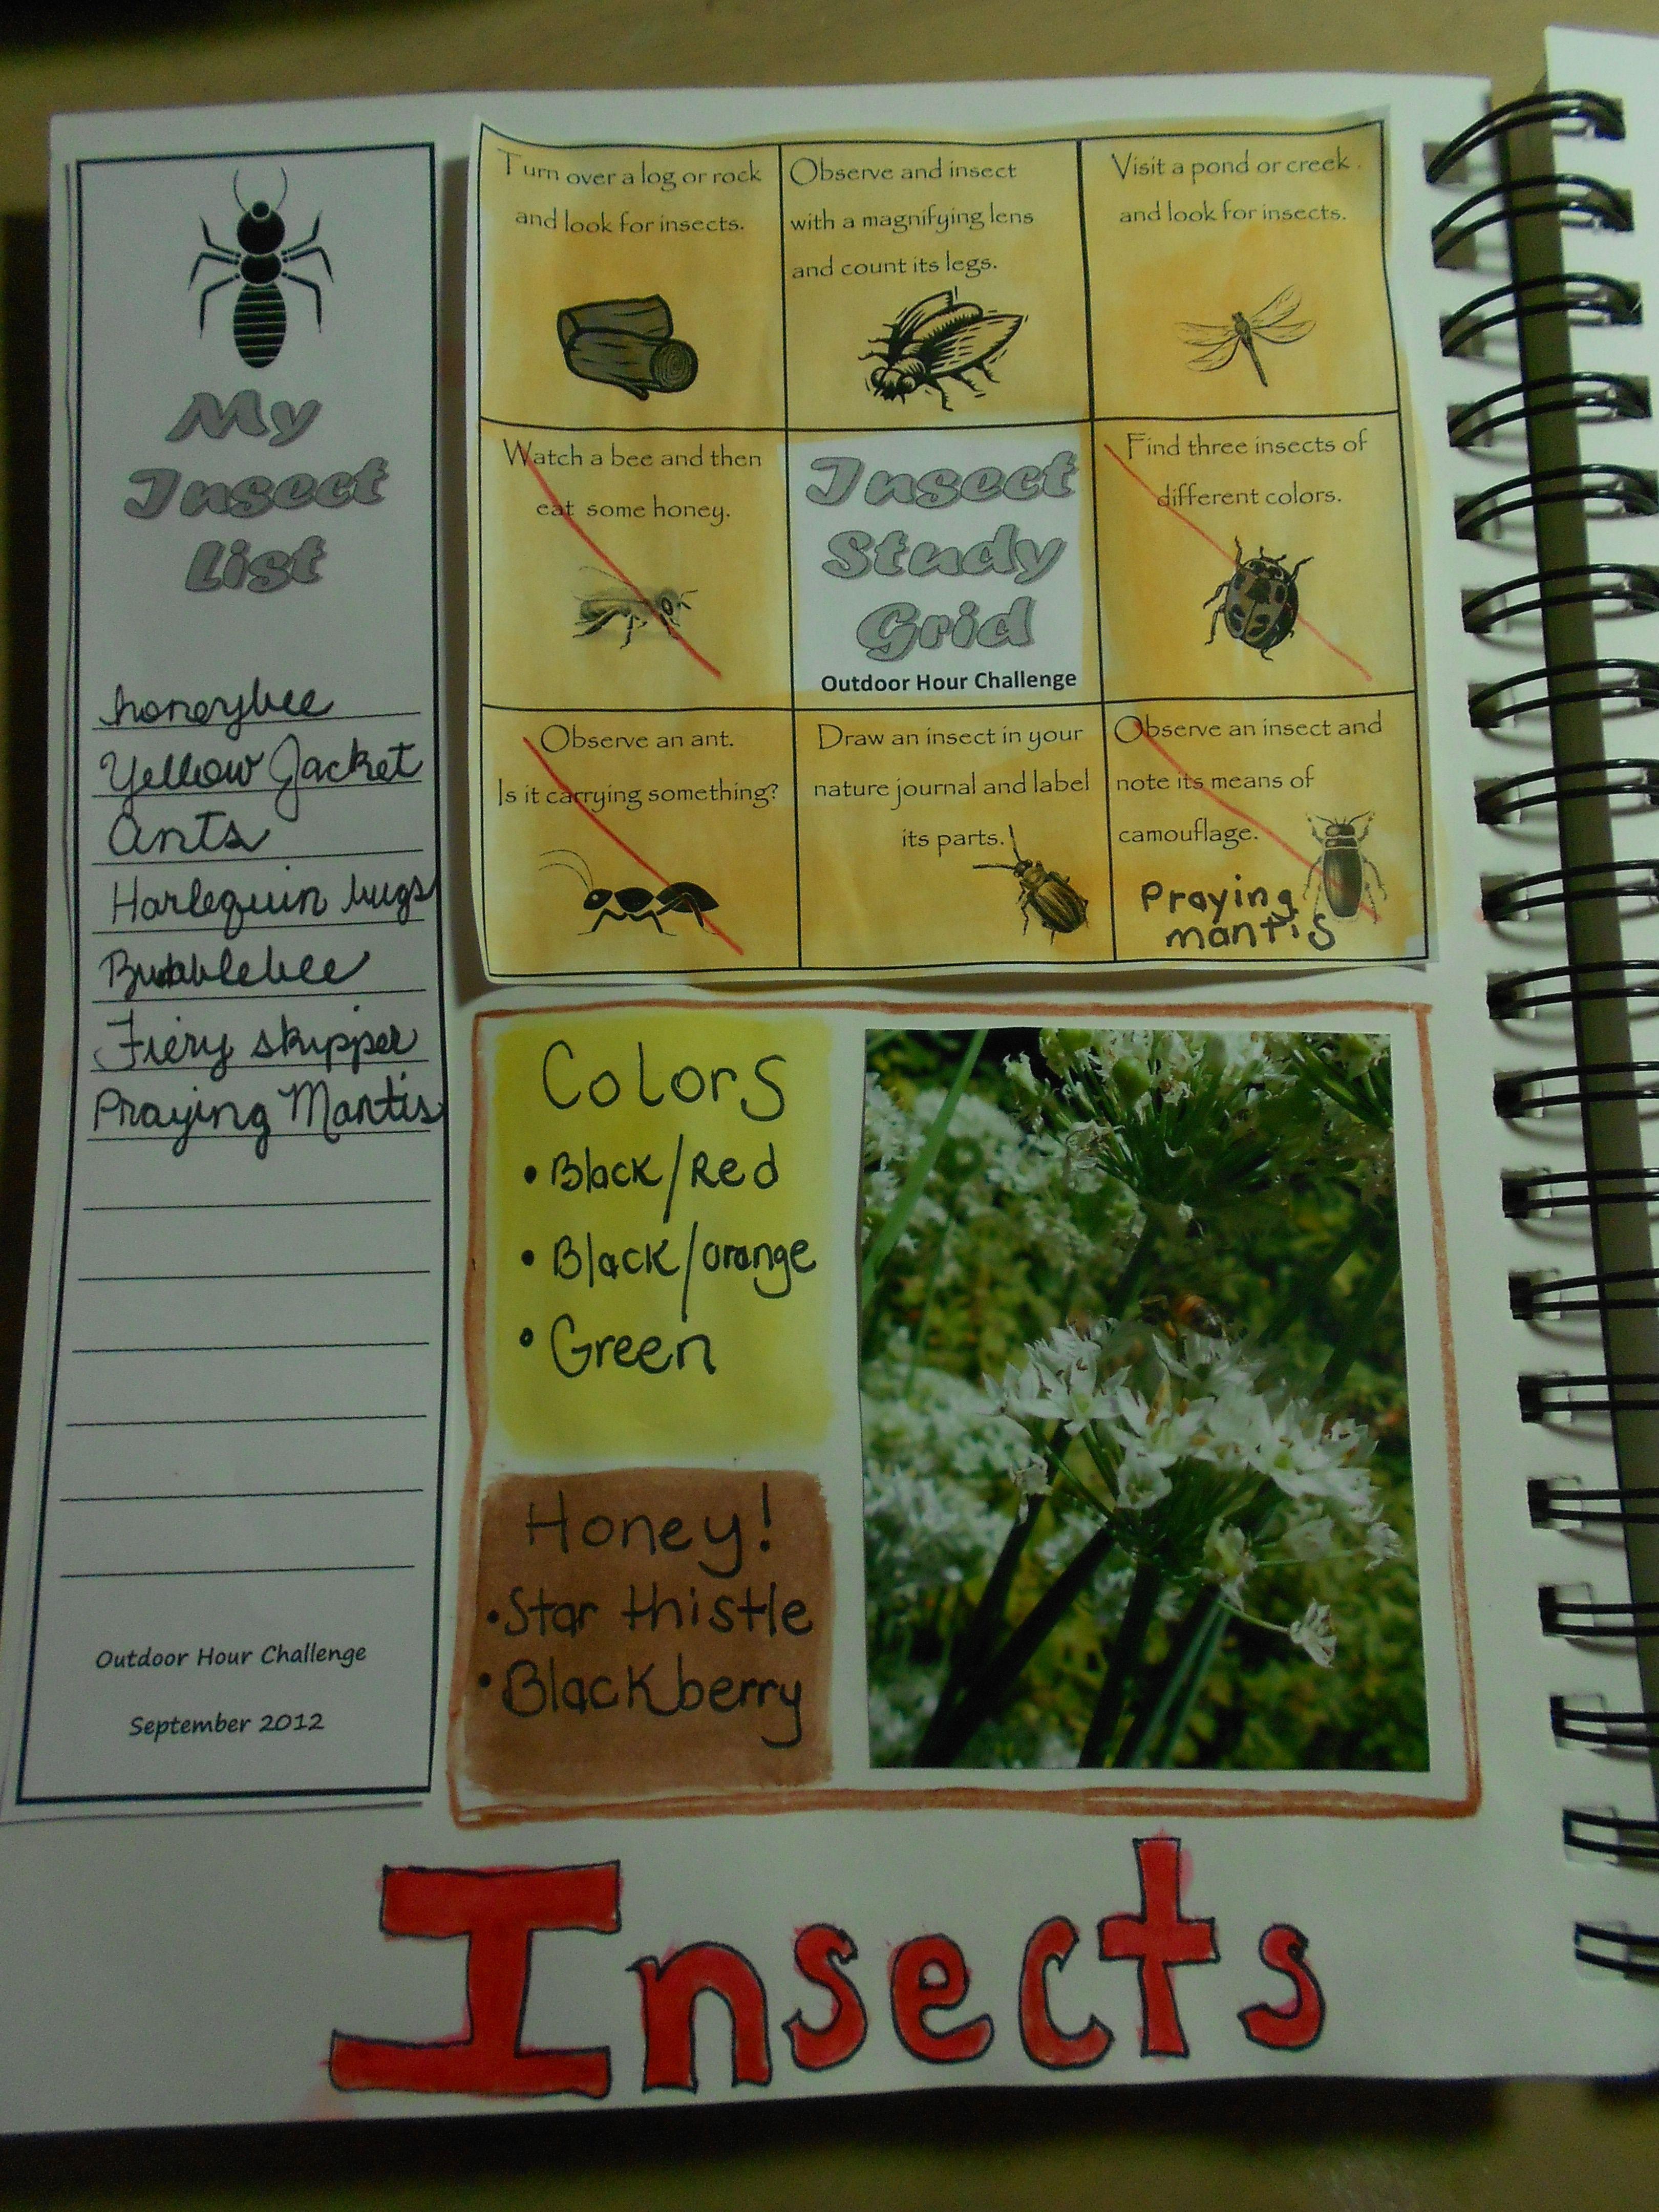 Exploring Nature Educational Resource Manual Guide